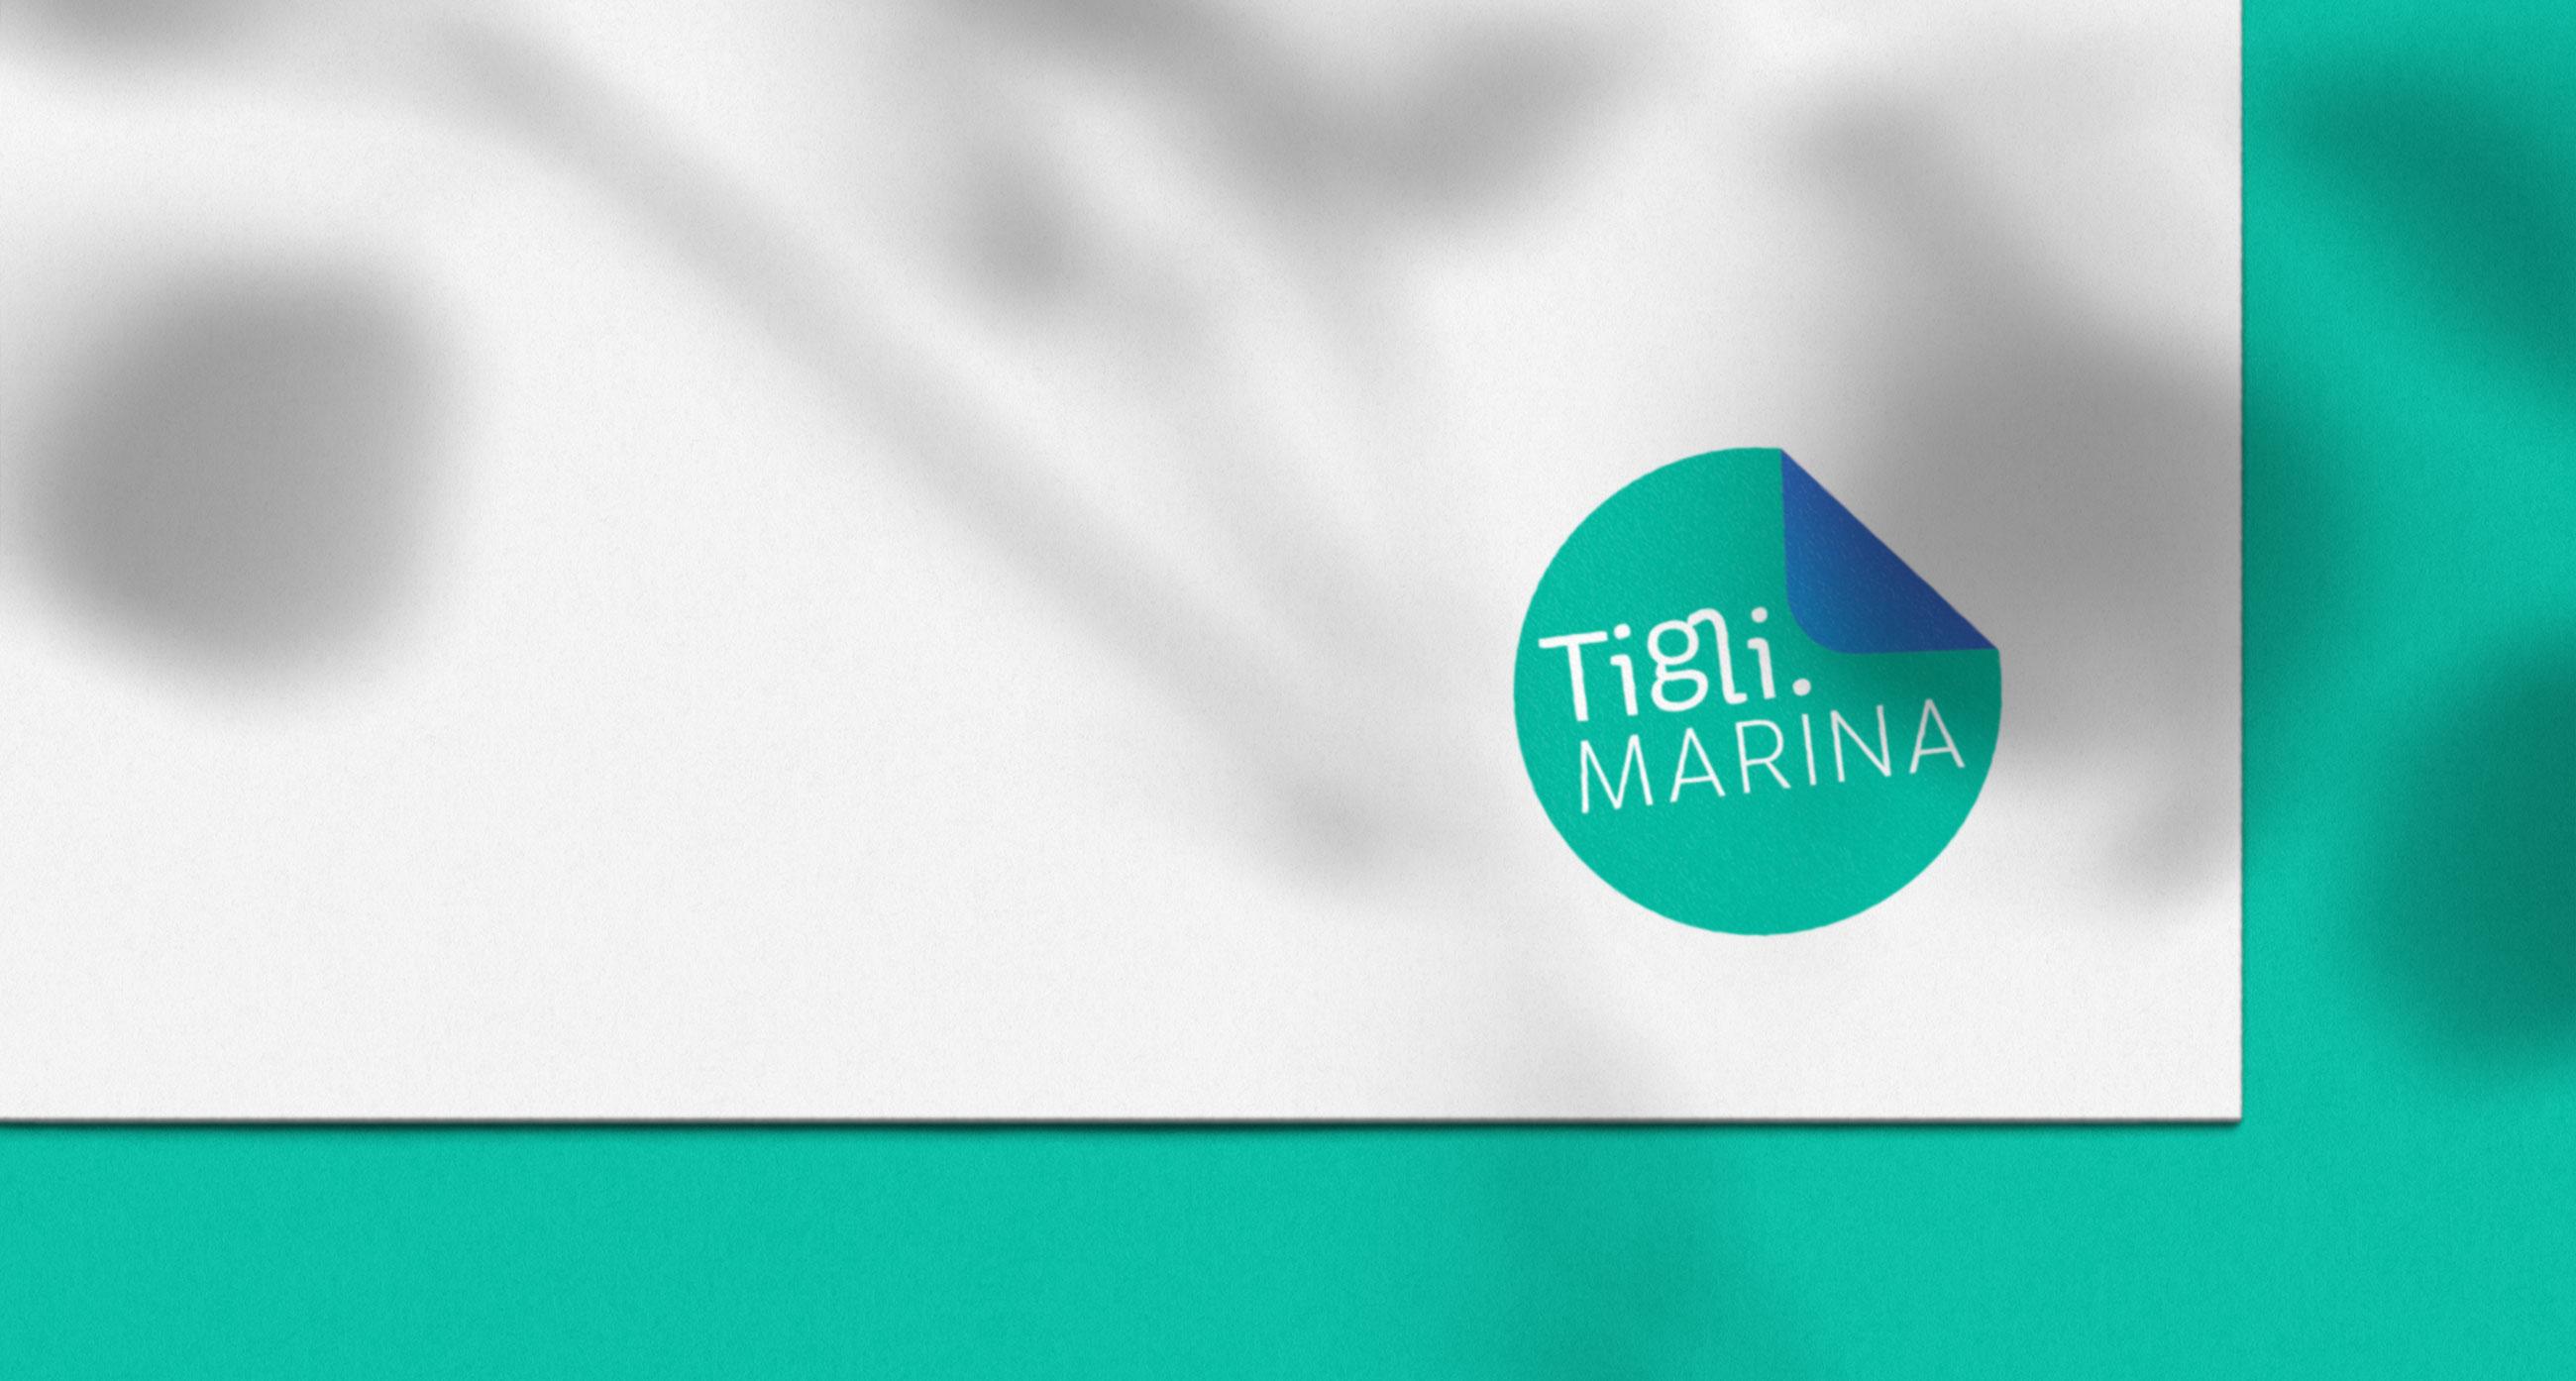 Le nouveau logo de Marina Tigli